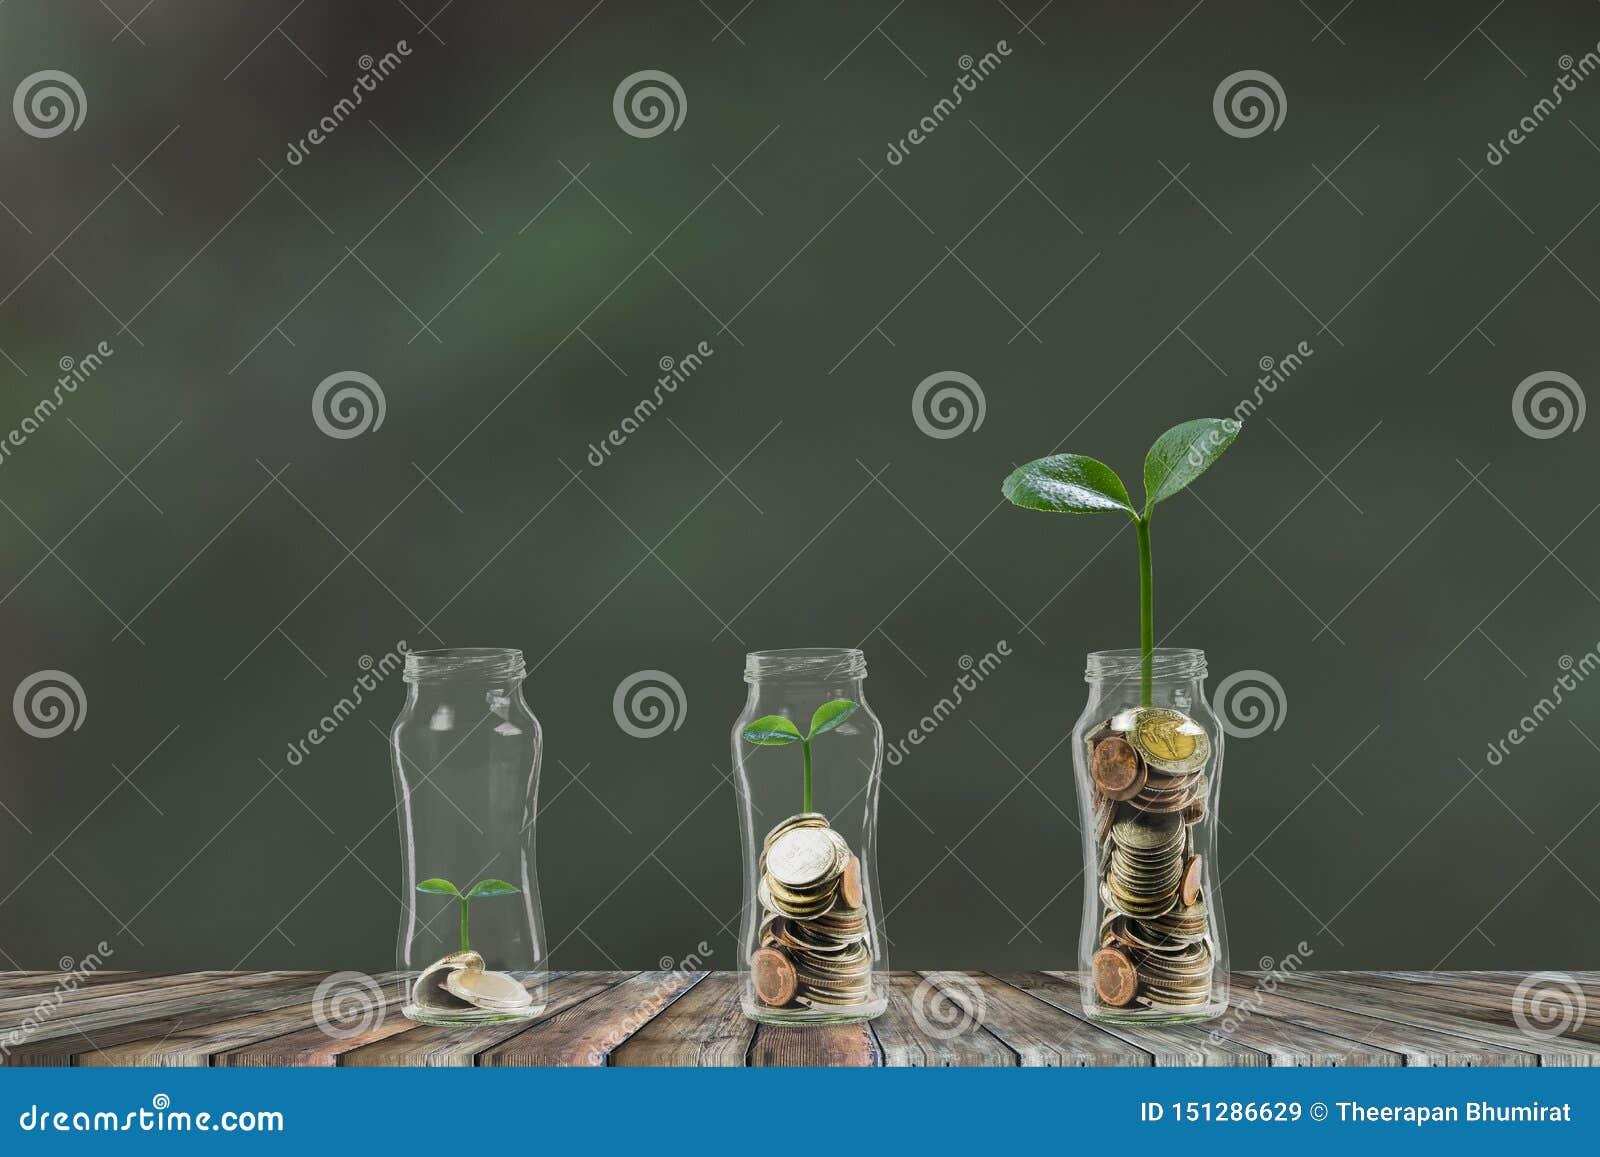 Geld, das Schritt für Schritt, ein Stapel Münzen wachsen in Glasgefäß 3 wächst Rettungsgeld, Geldanlagekonzept